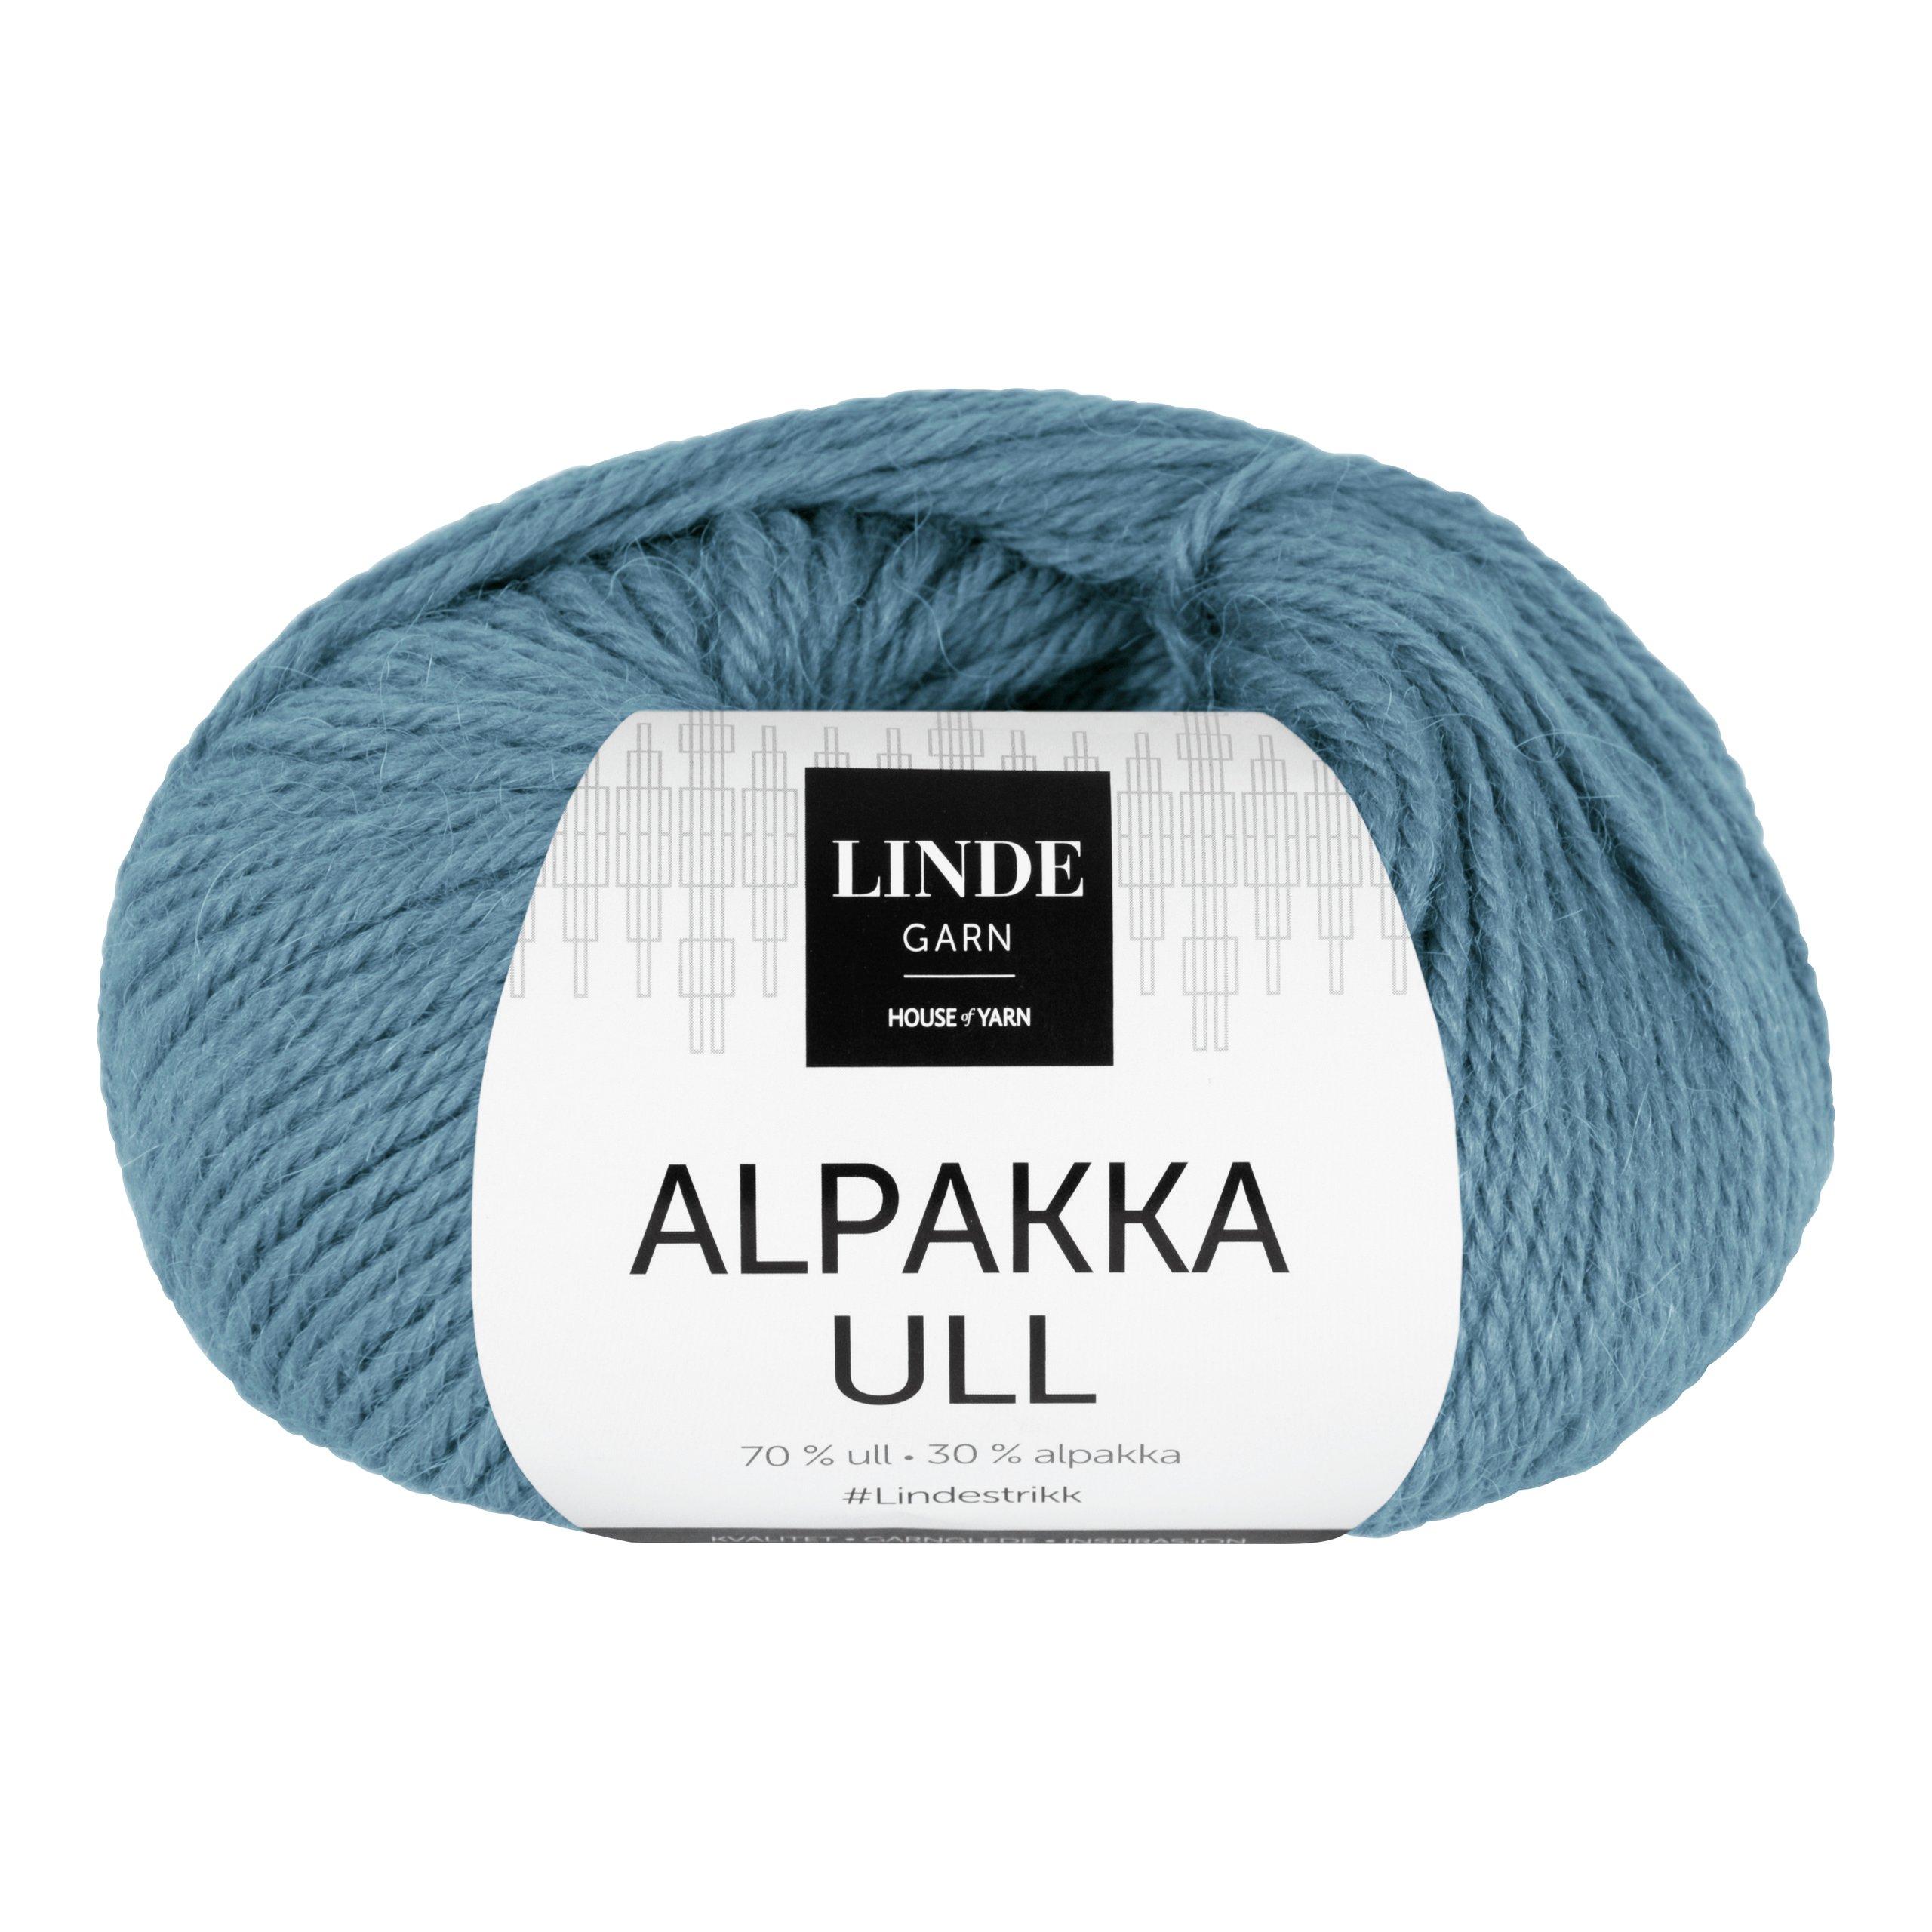 LINDE ALPAKKAULL 408 DENIMBLÅ-GAR5408